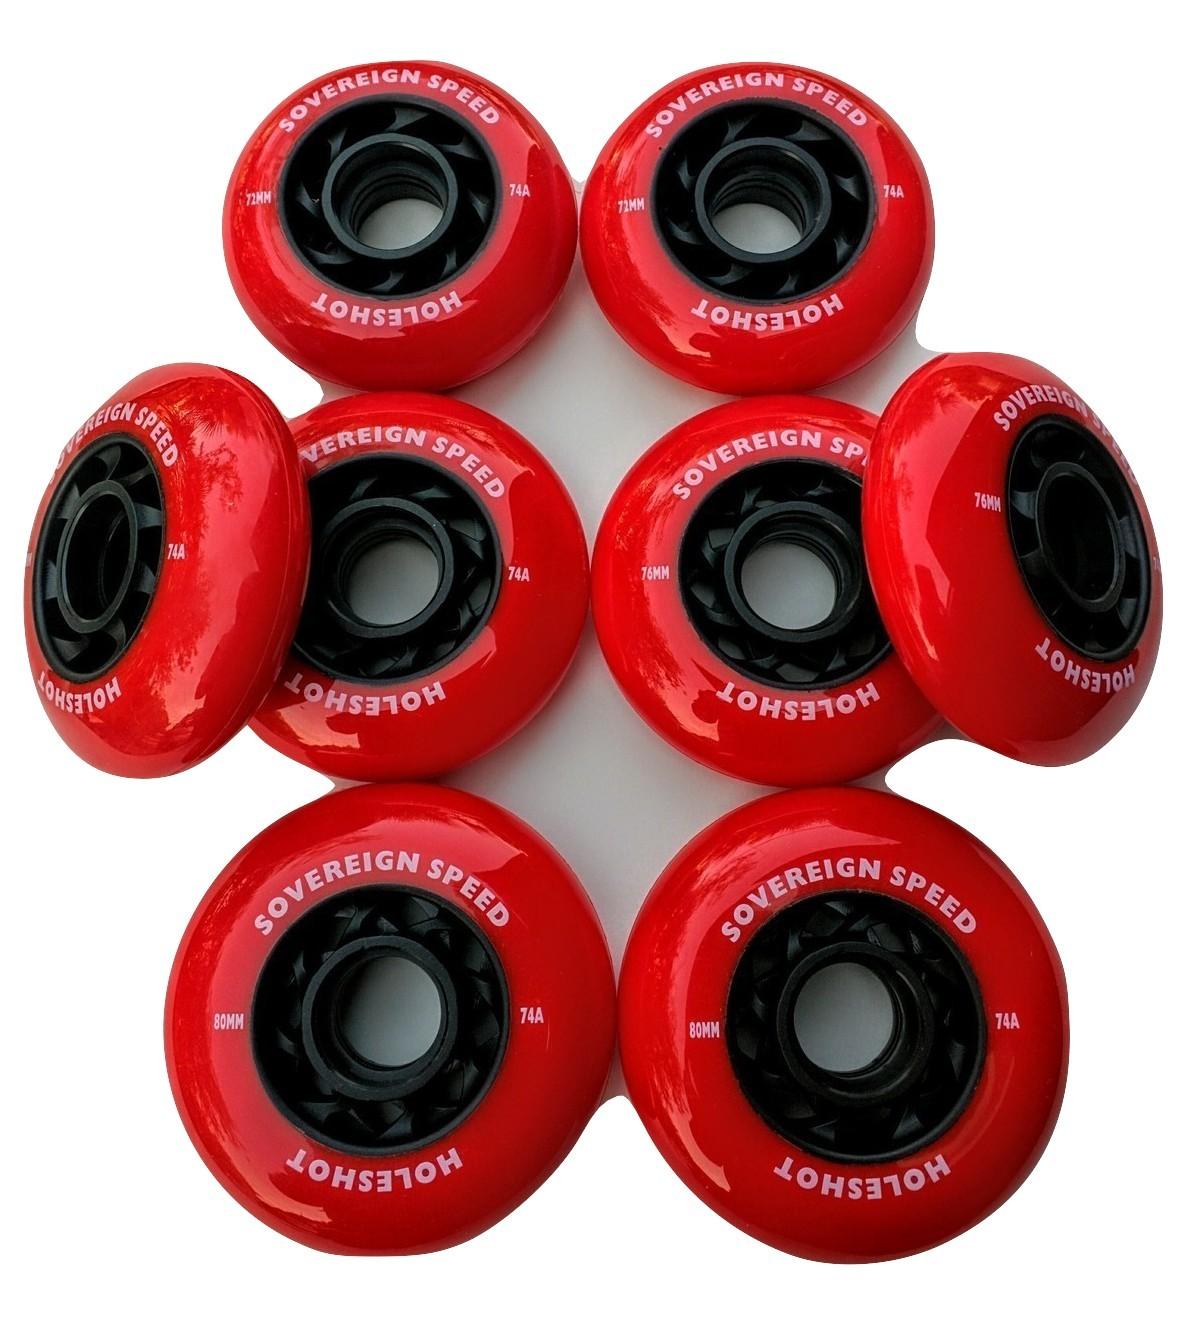 8x 80mm INDOOR Inline Rollerblade Roller Hockey Skate Wheels 74A sport court